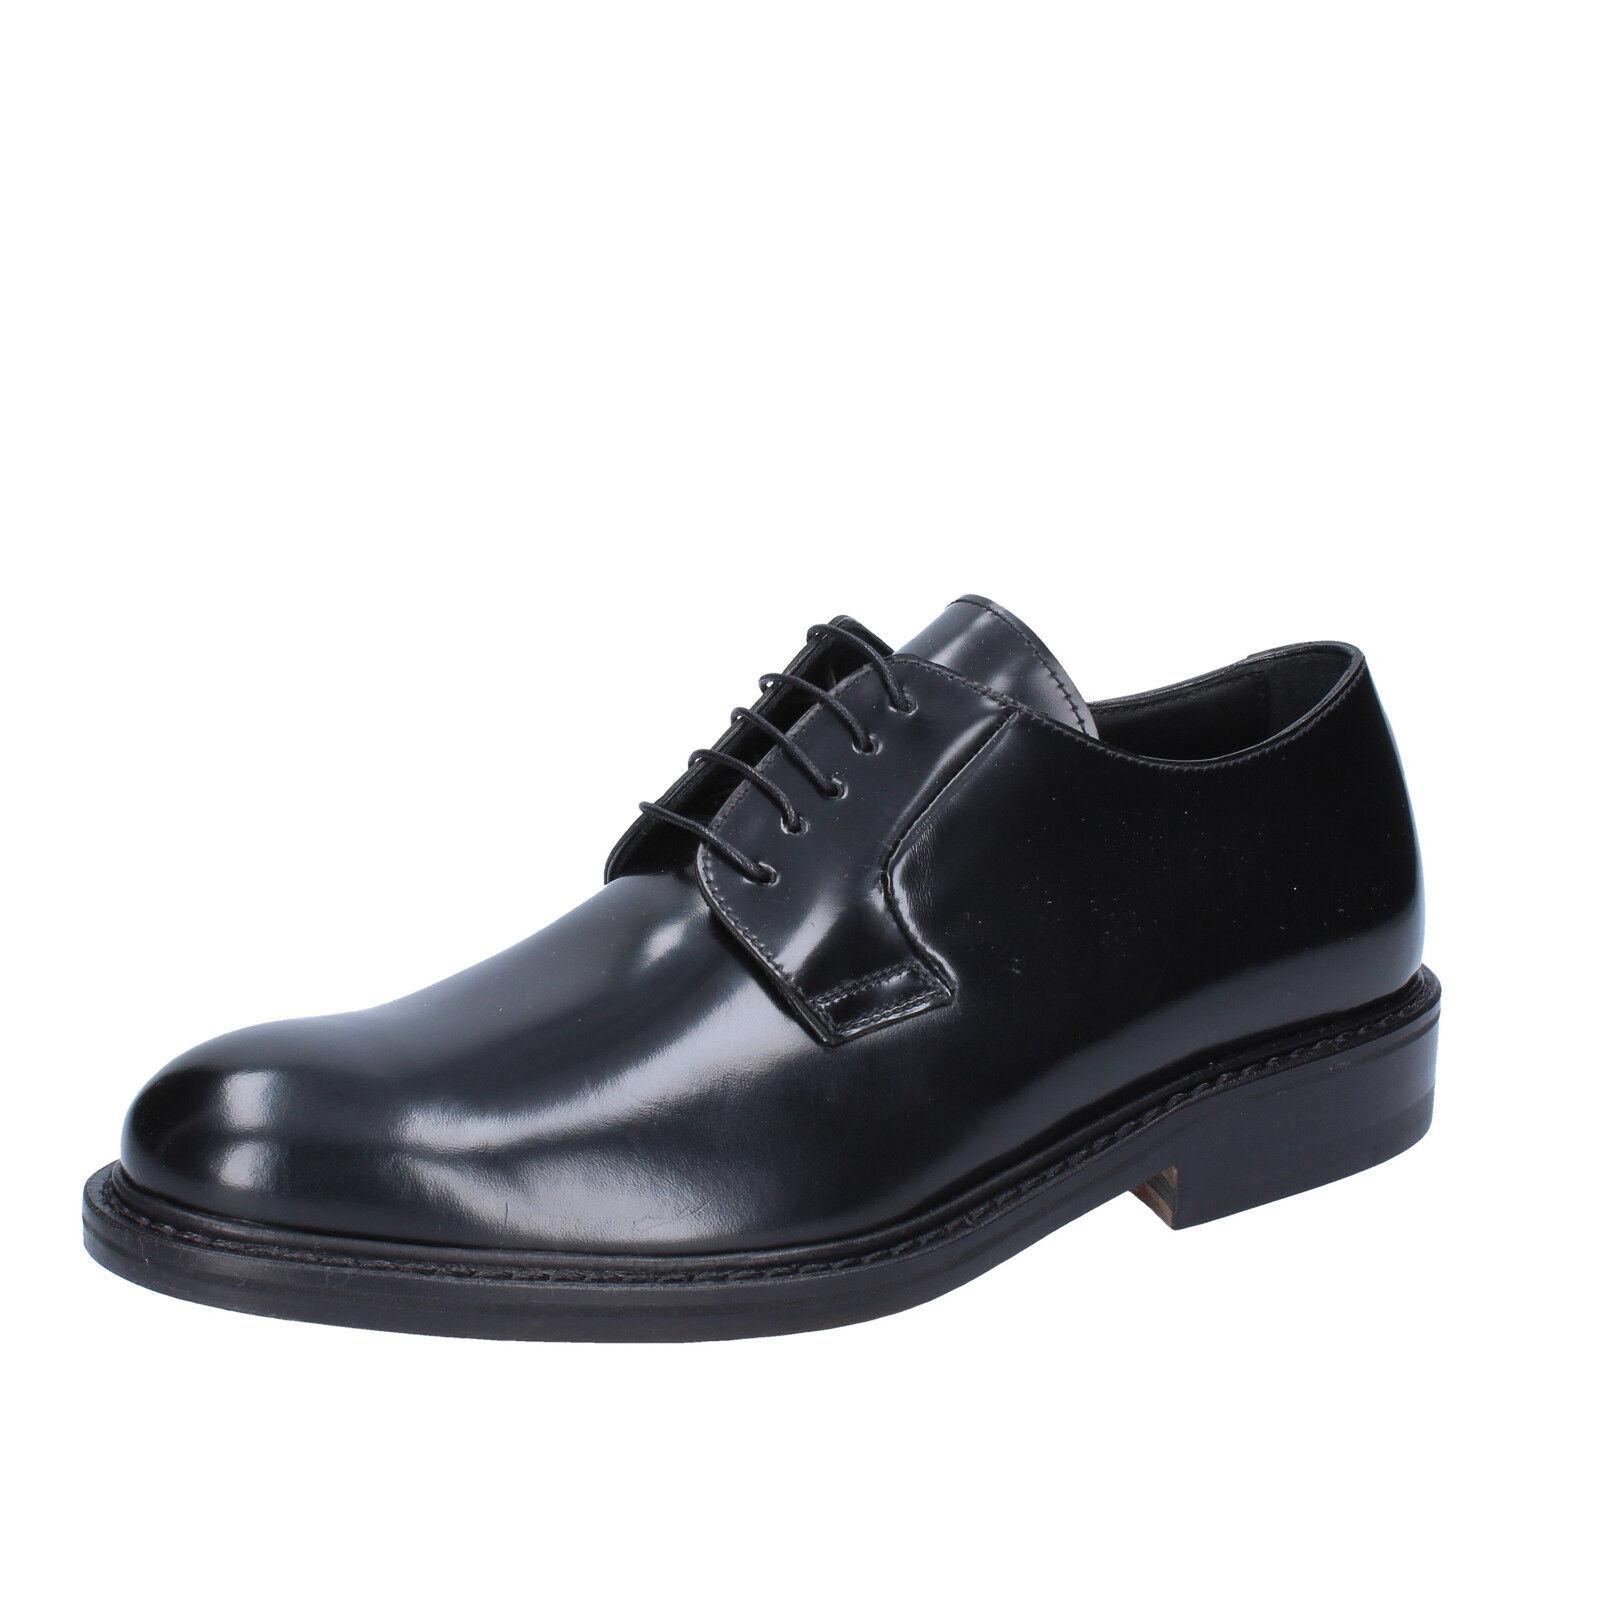 tutti i beni sono speciali Scarpe uomo DI MELLA 39 EU classiche nero pelle pelle pelle lucida BZ46-B  connotazione di lusso low-key